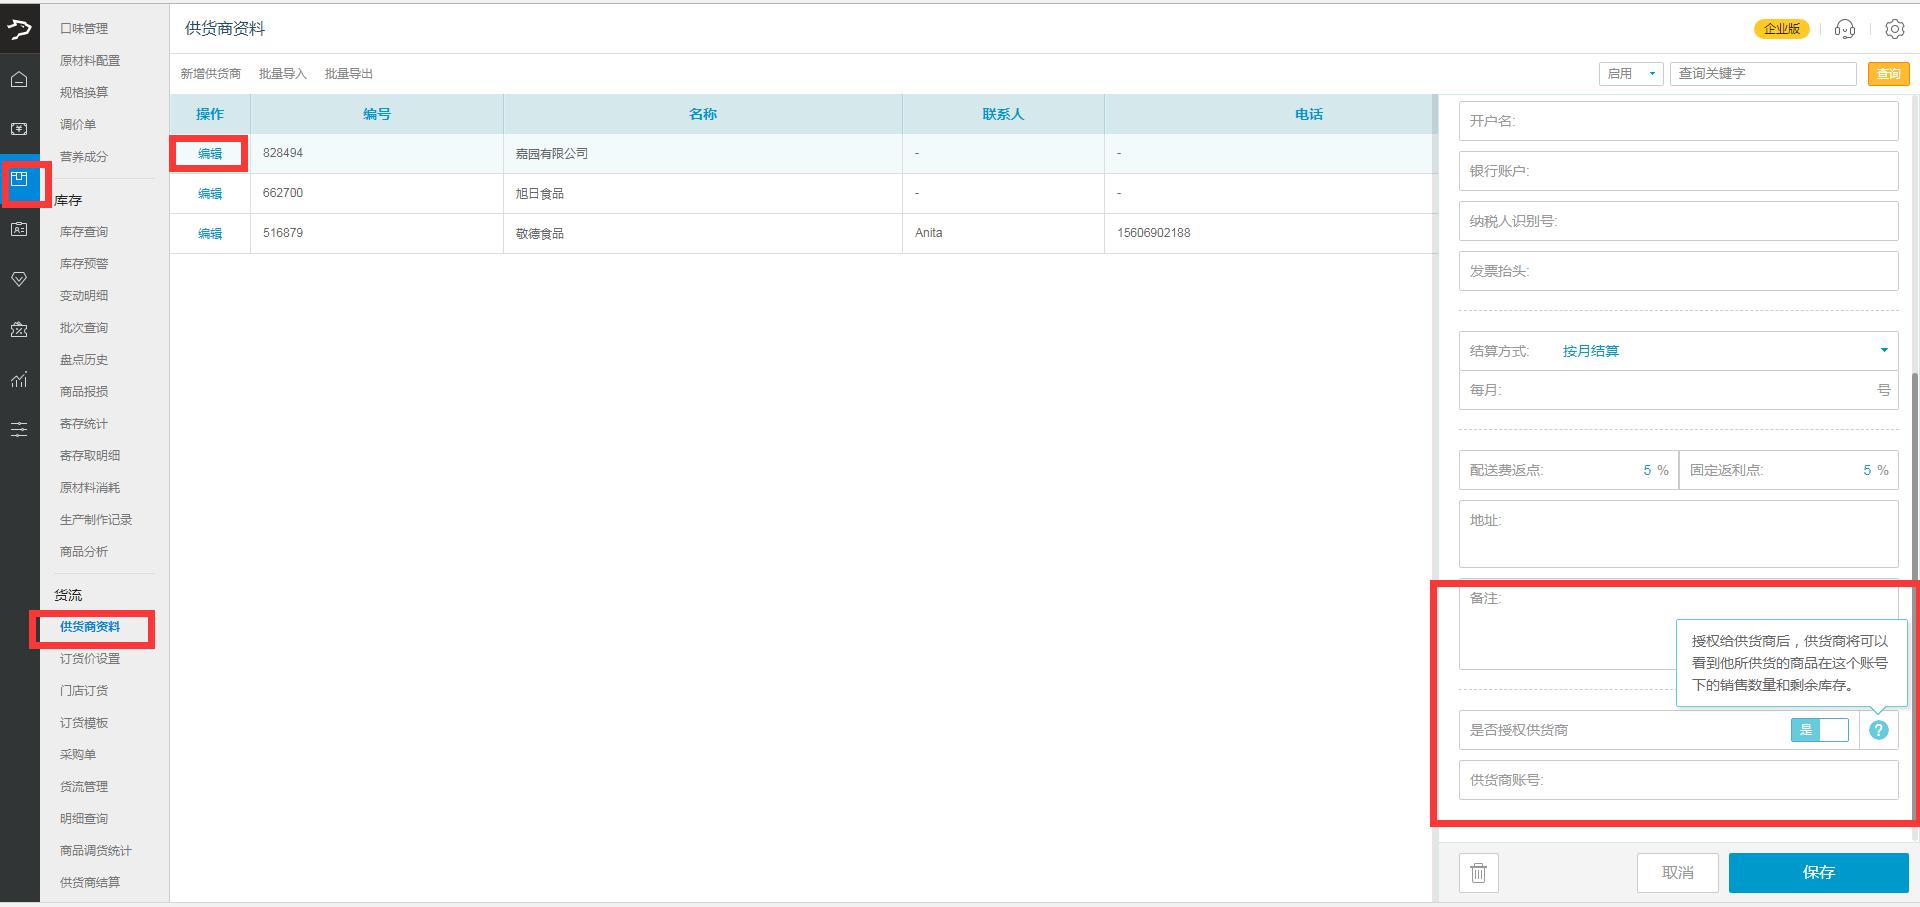 供应商(供货商)查看用户的销售情况和库存-银豹博客